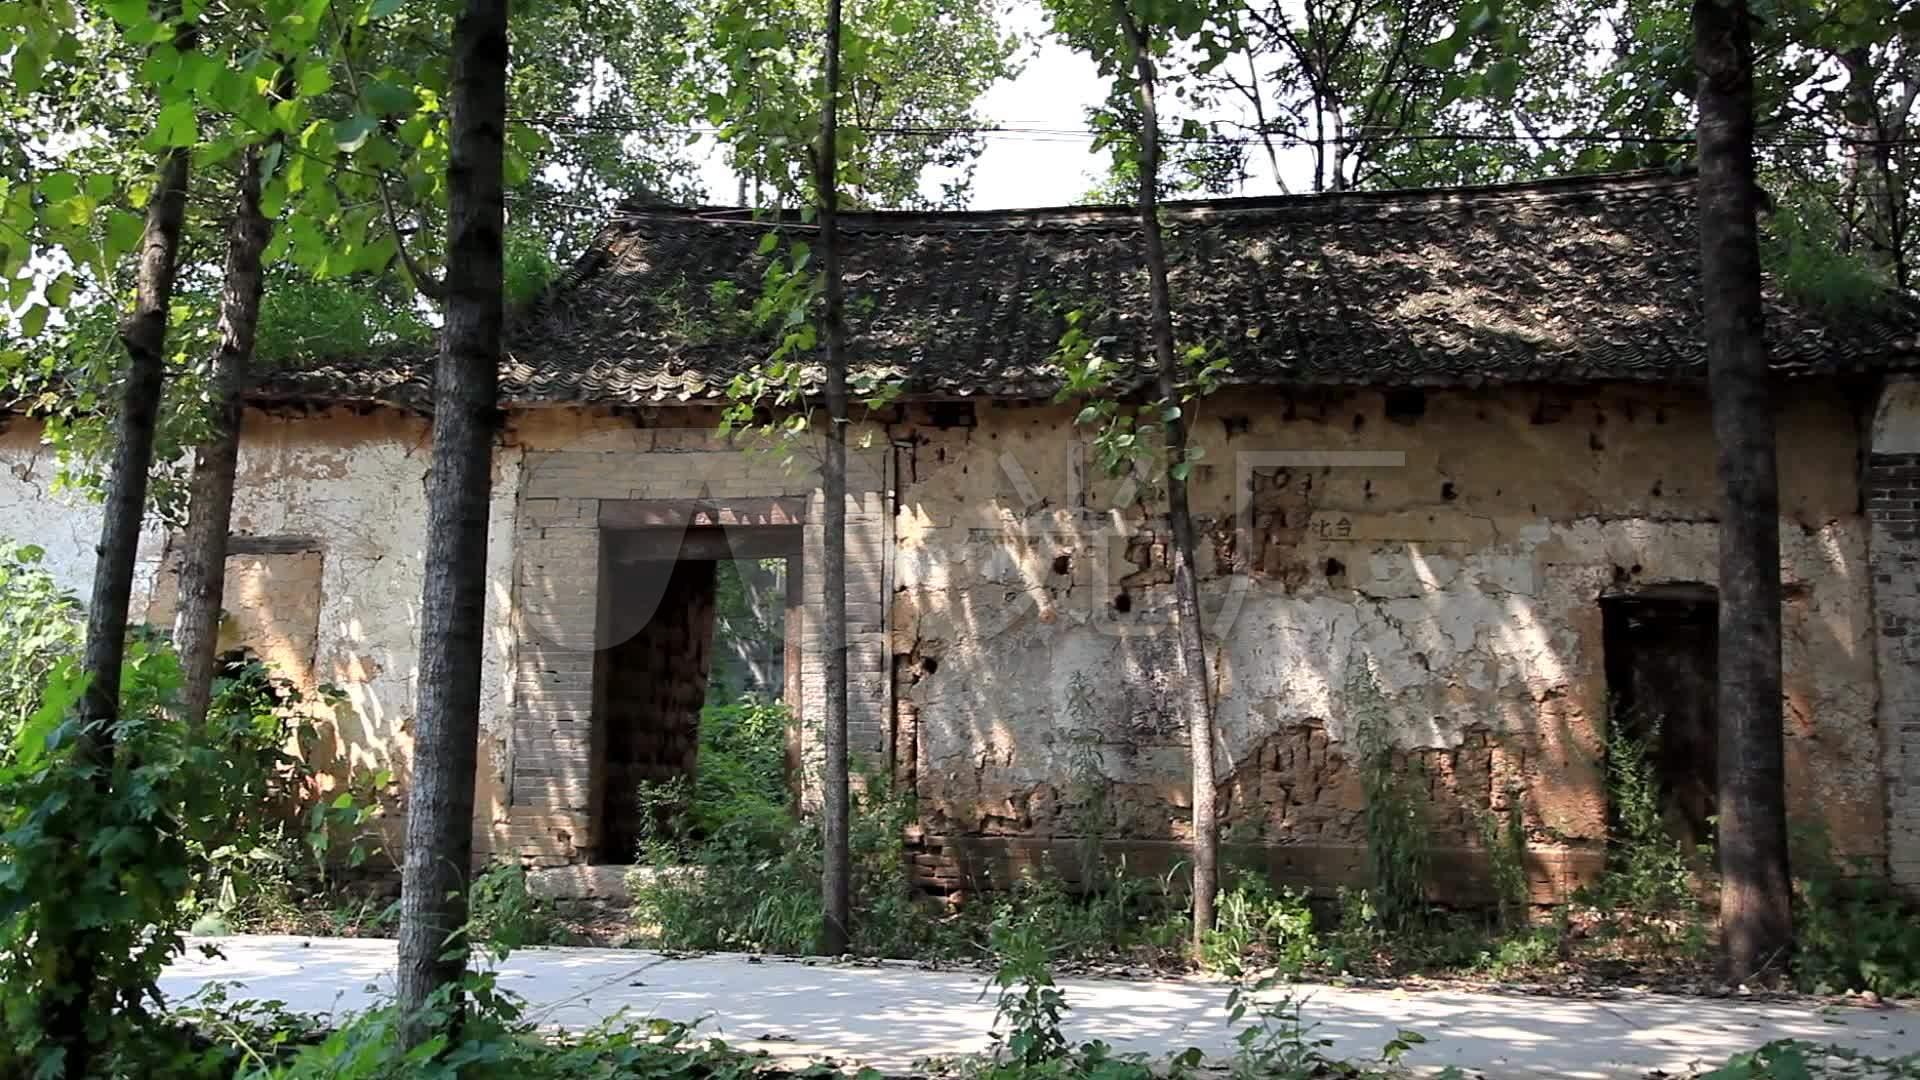 农村房子破旧房屋扶贫老房子旧房子视频素材